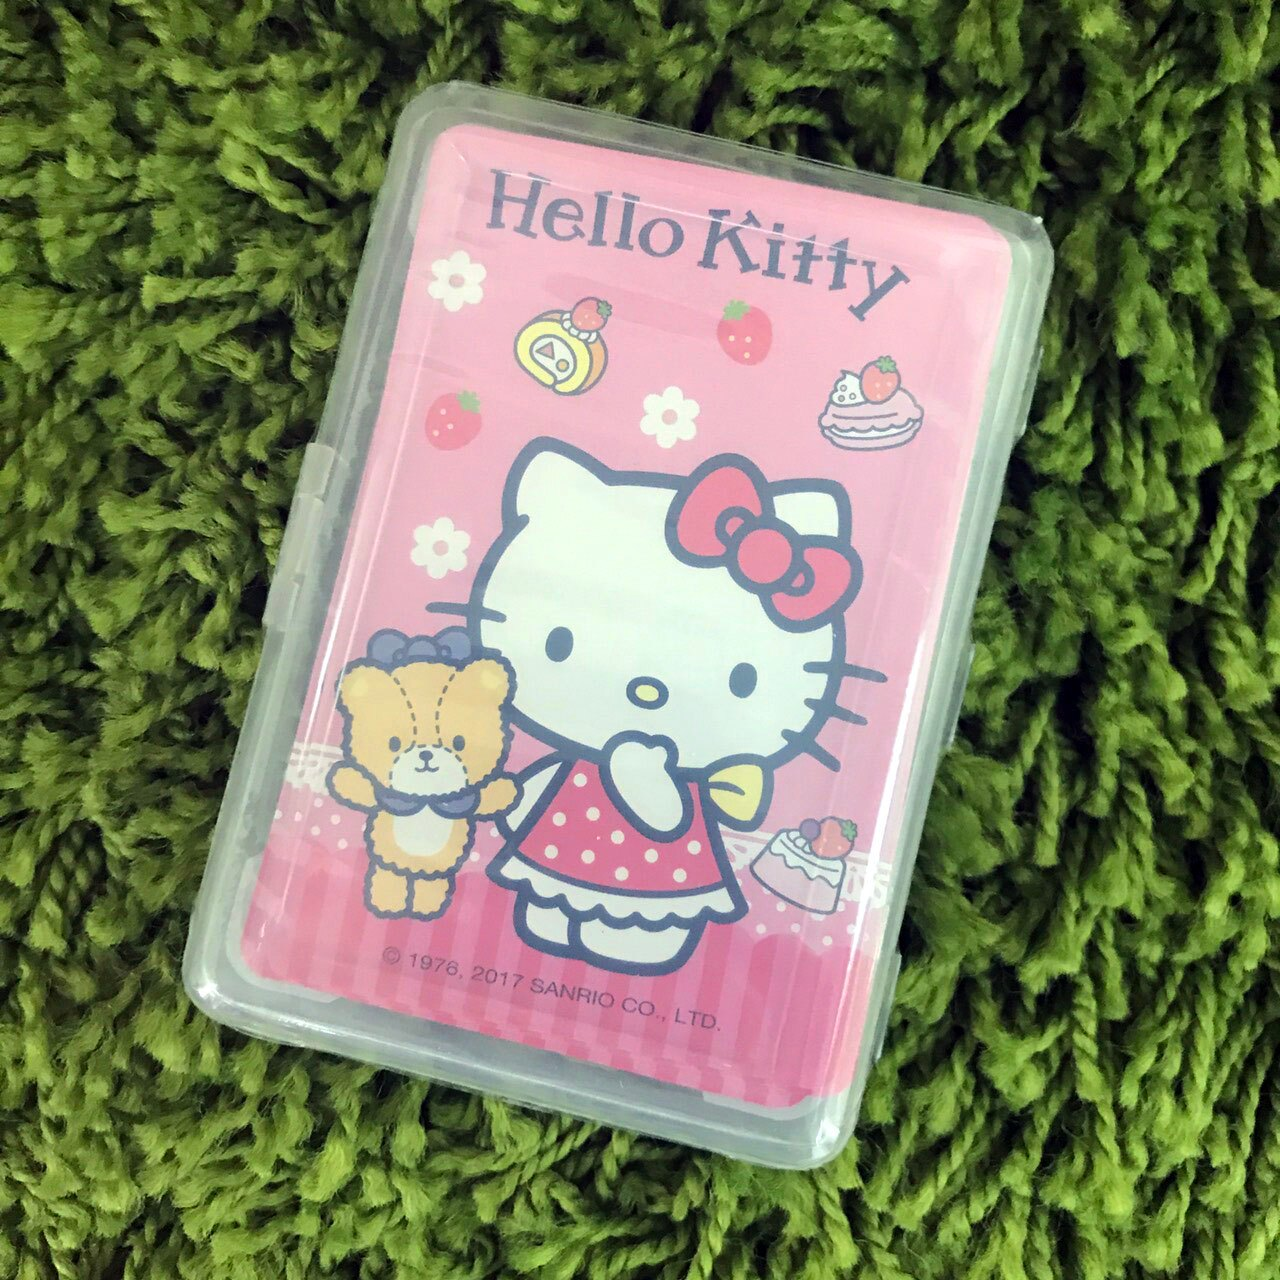 【真愛日本】17111000004 新潮撲克牌-KT甜點粉 三麗鷗 kitty 凱蒂貓 桌遊 紙牌遊戲 休閒遊戲